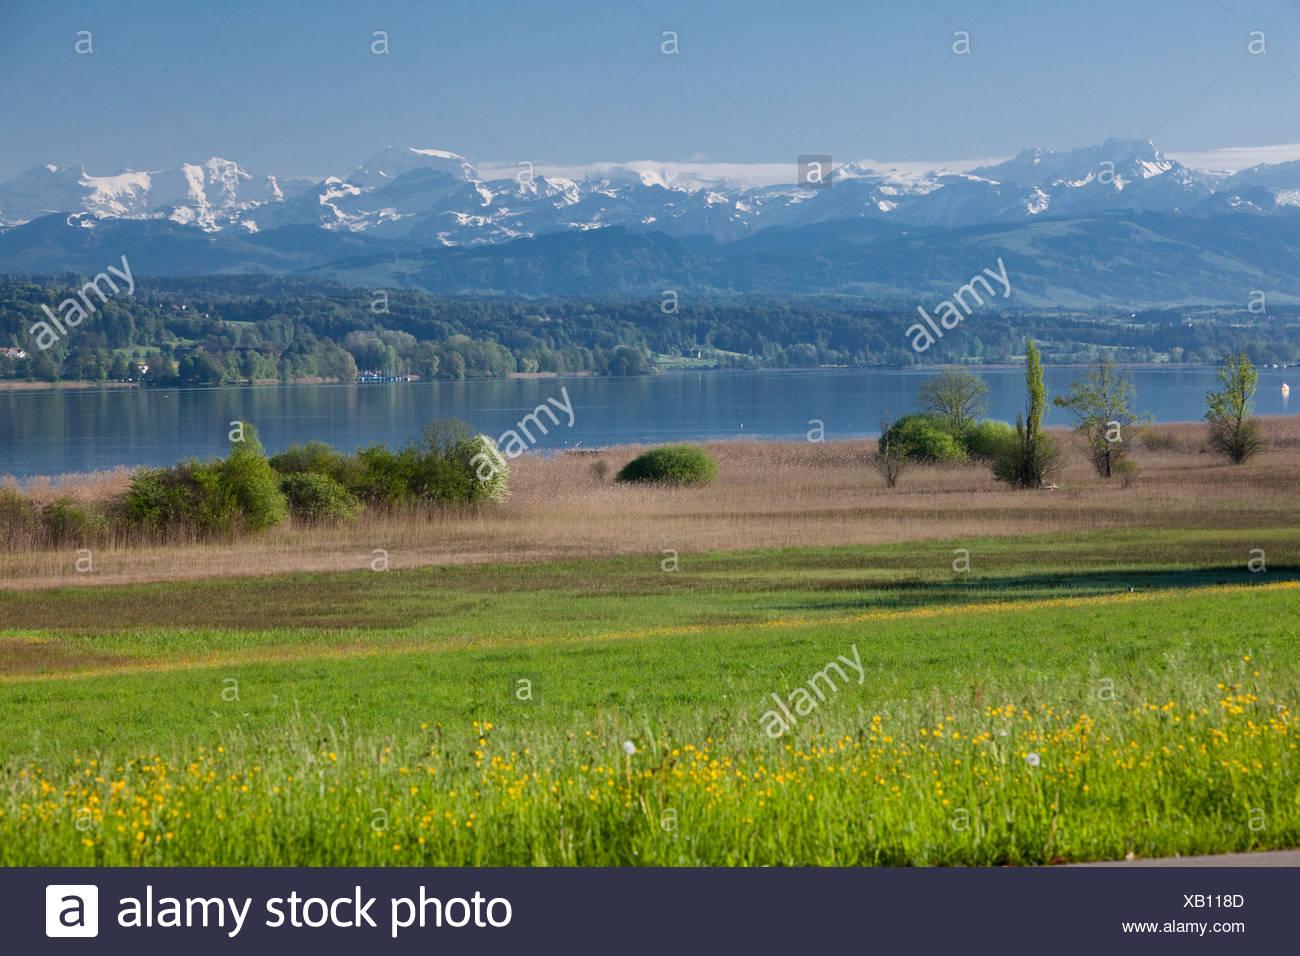 La Suisse, l'Europe, le lac, navire, bateau, bateaux, bateaux, Alpes, canton, ZH, Zurich, printemps, Greifensee, Lake Greifen, pré, Photo Stock